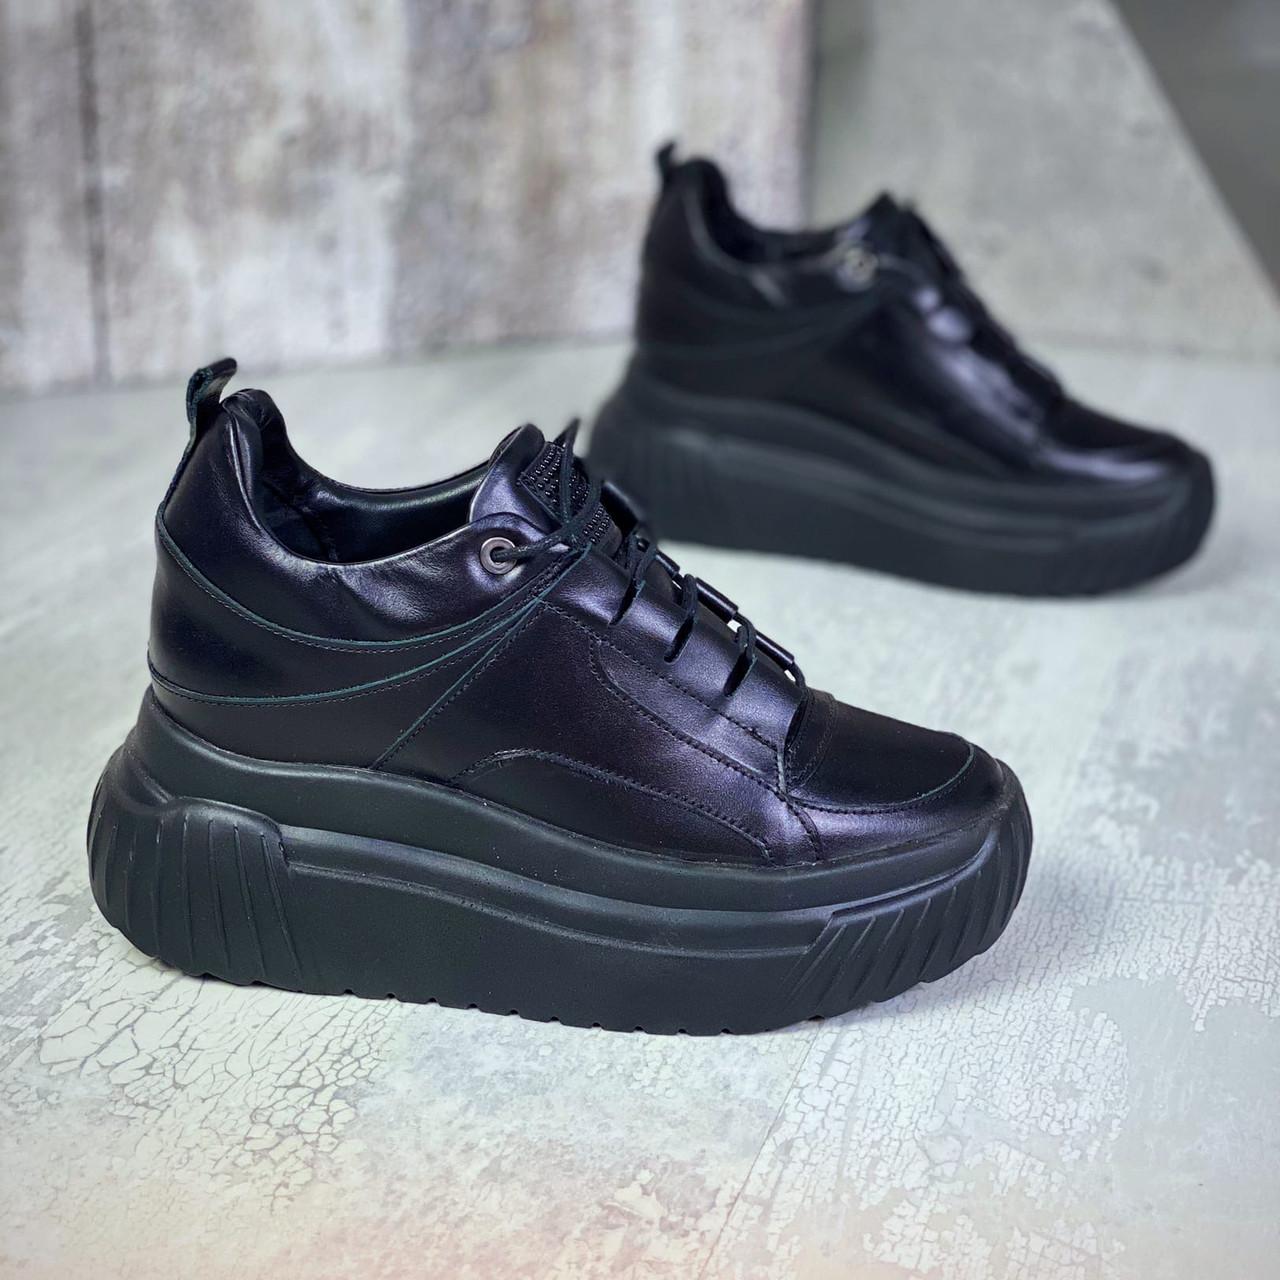 Высокие кожаные кроссовки на шнуровке 36-40 р чёрный